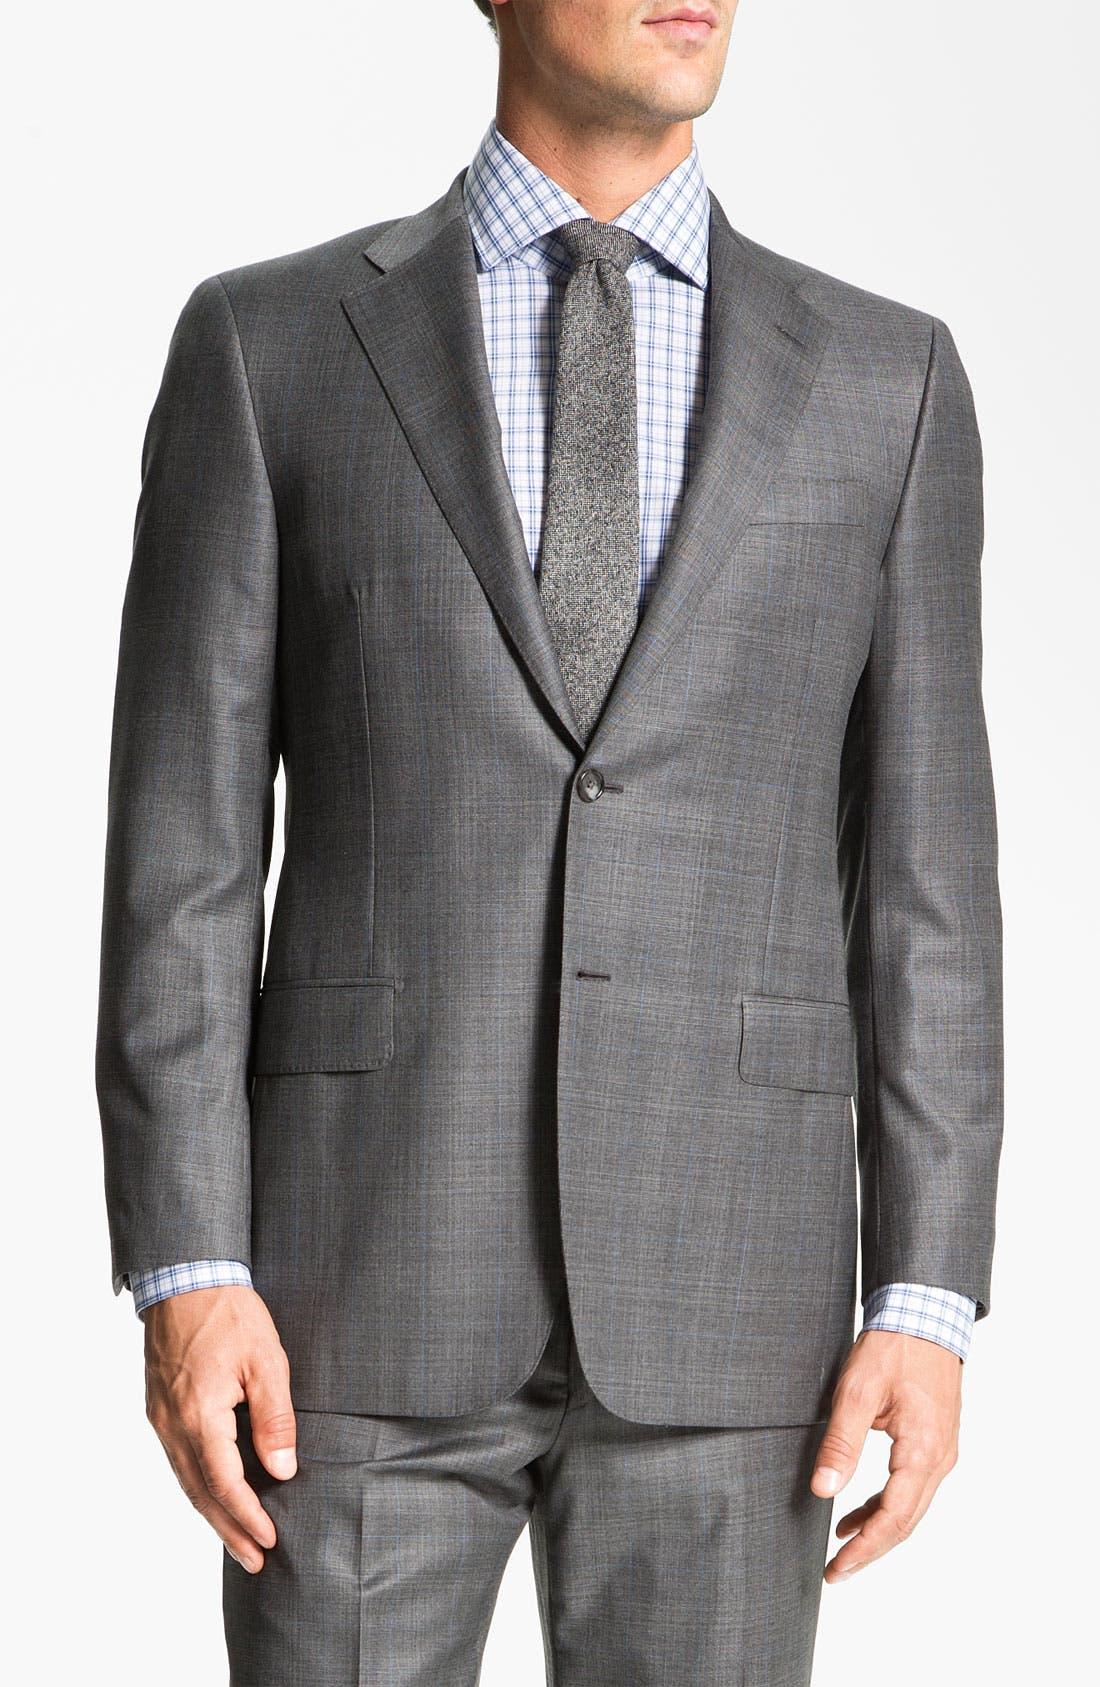 Alternate Image 1 Selected - Hickey Freeman 'B Series' Wool Suit